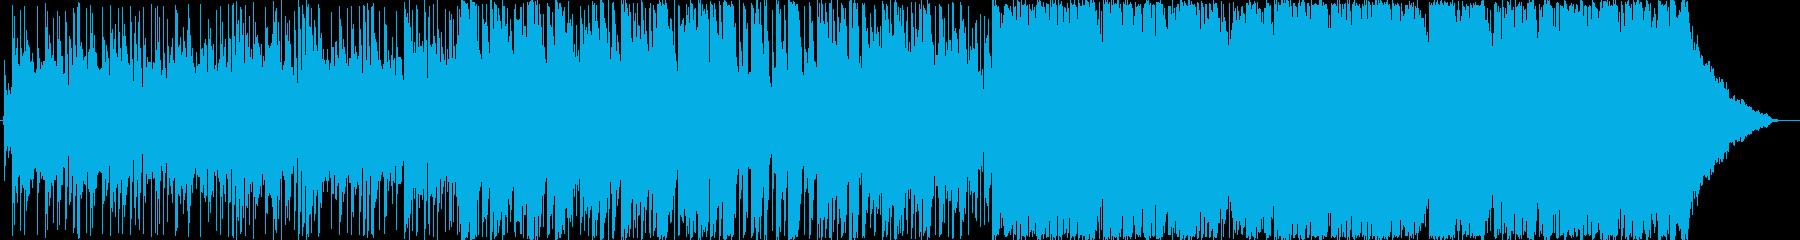 炭鉱の町 星空 廃屋 ピアノ ギターの再生済みの波形